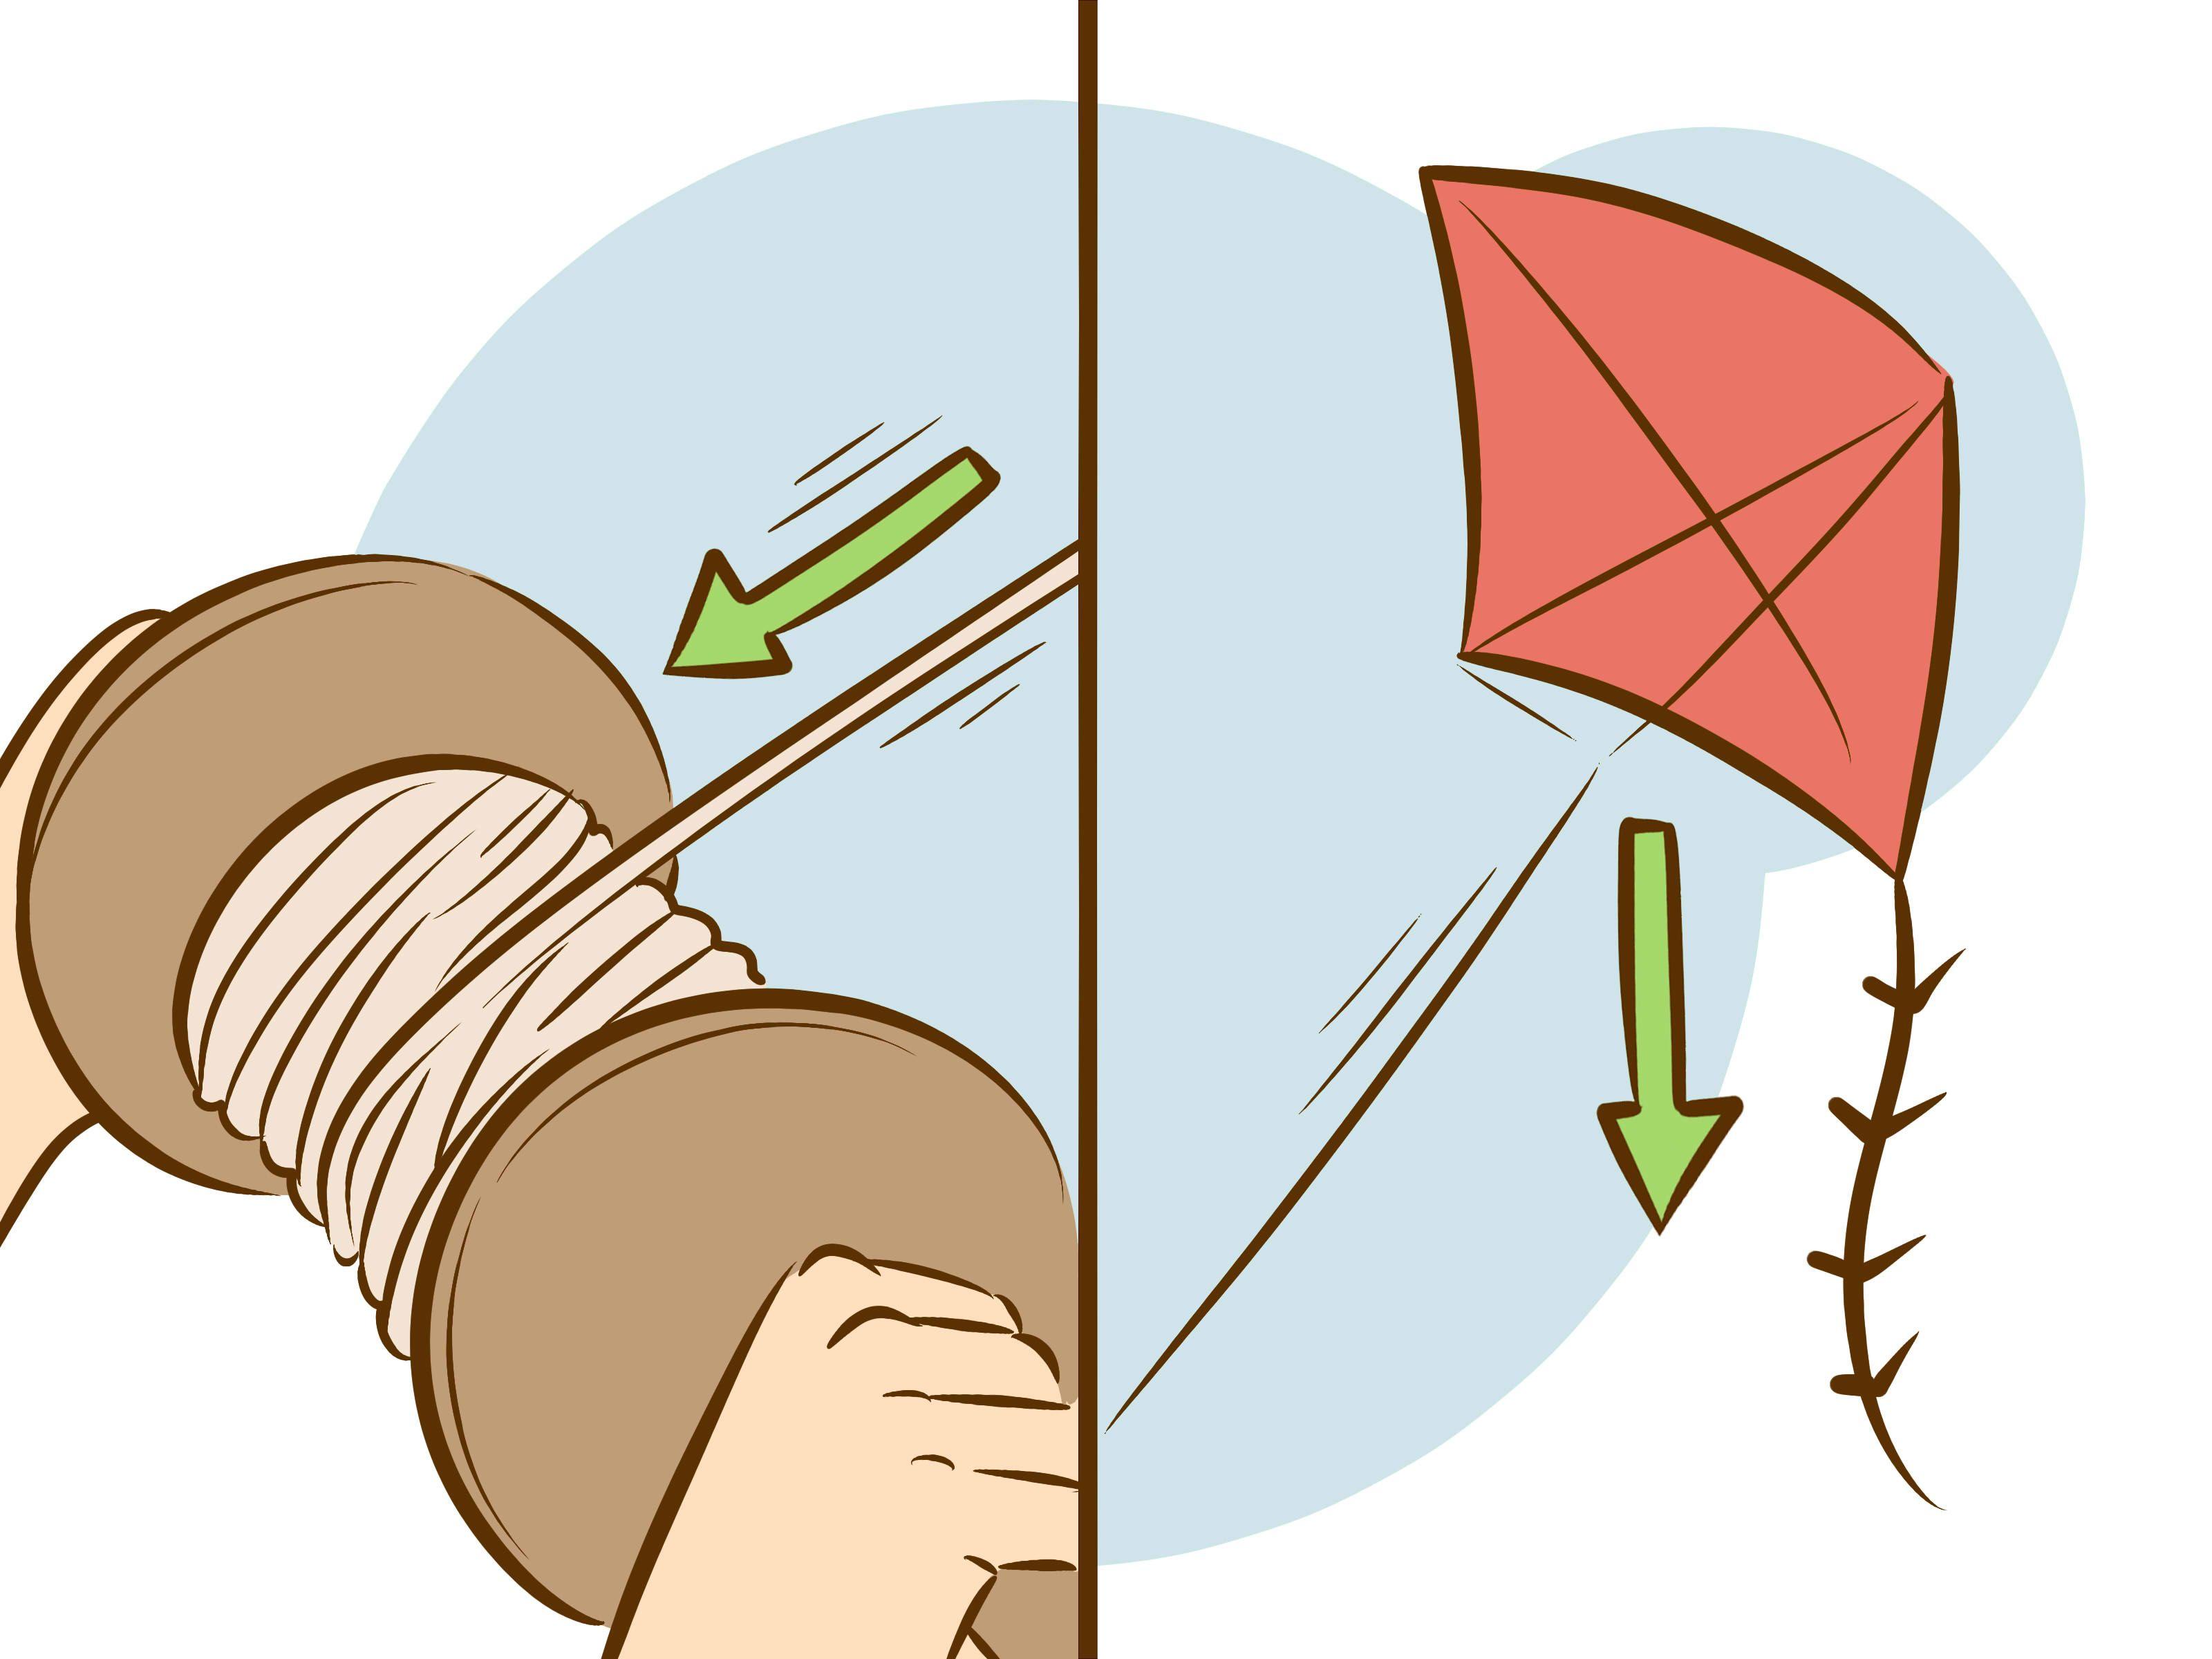 Fly a kite diy for kids kite yosemite camping